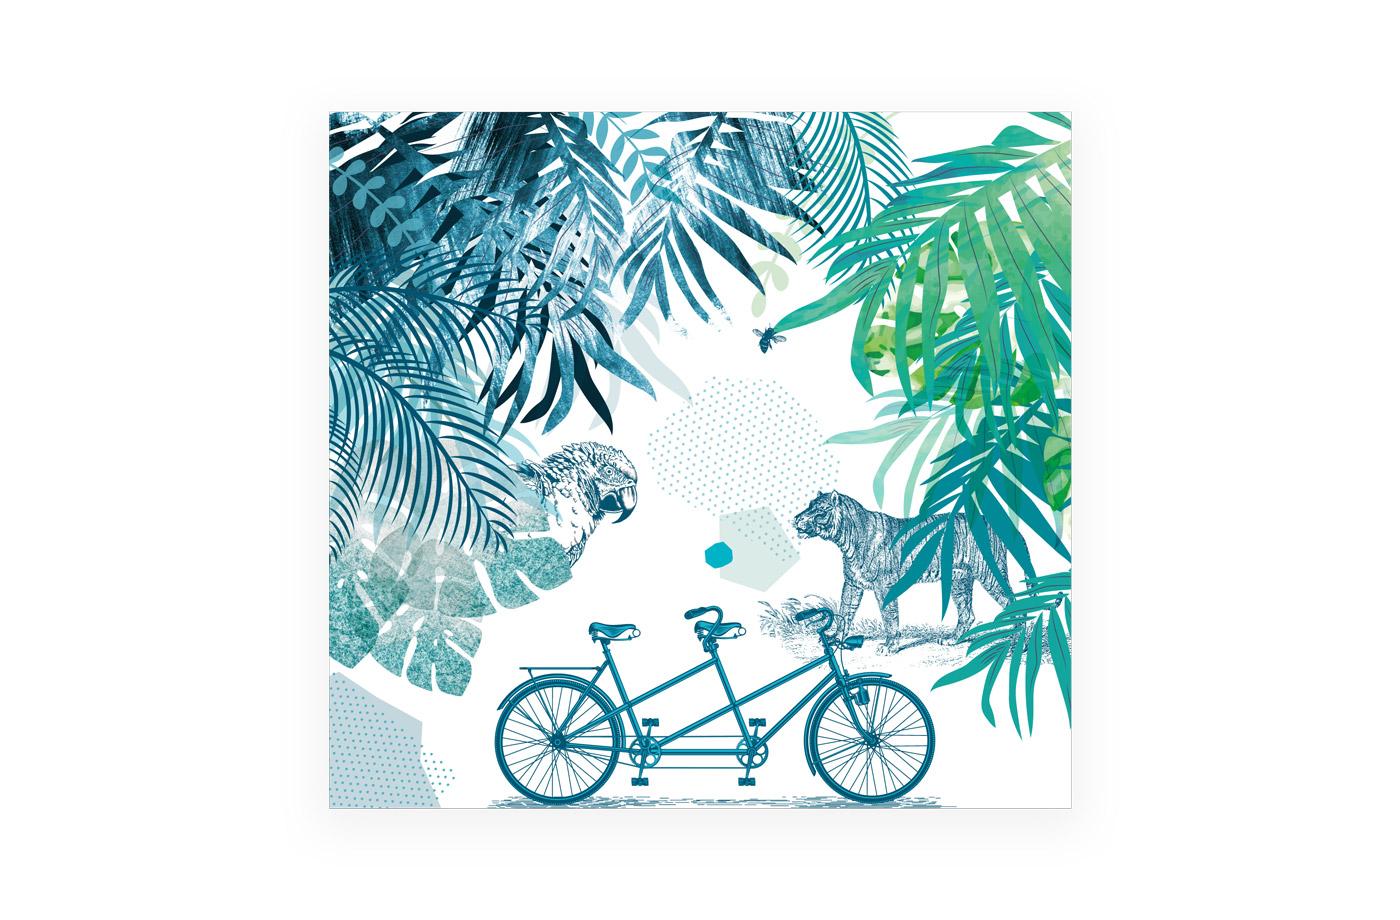 Tapisserie panoramique Jungle 3 3701310201718